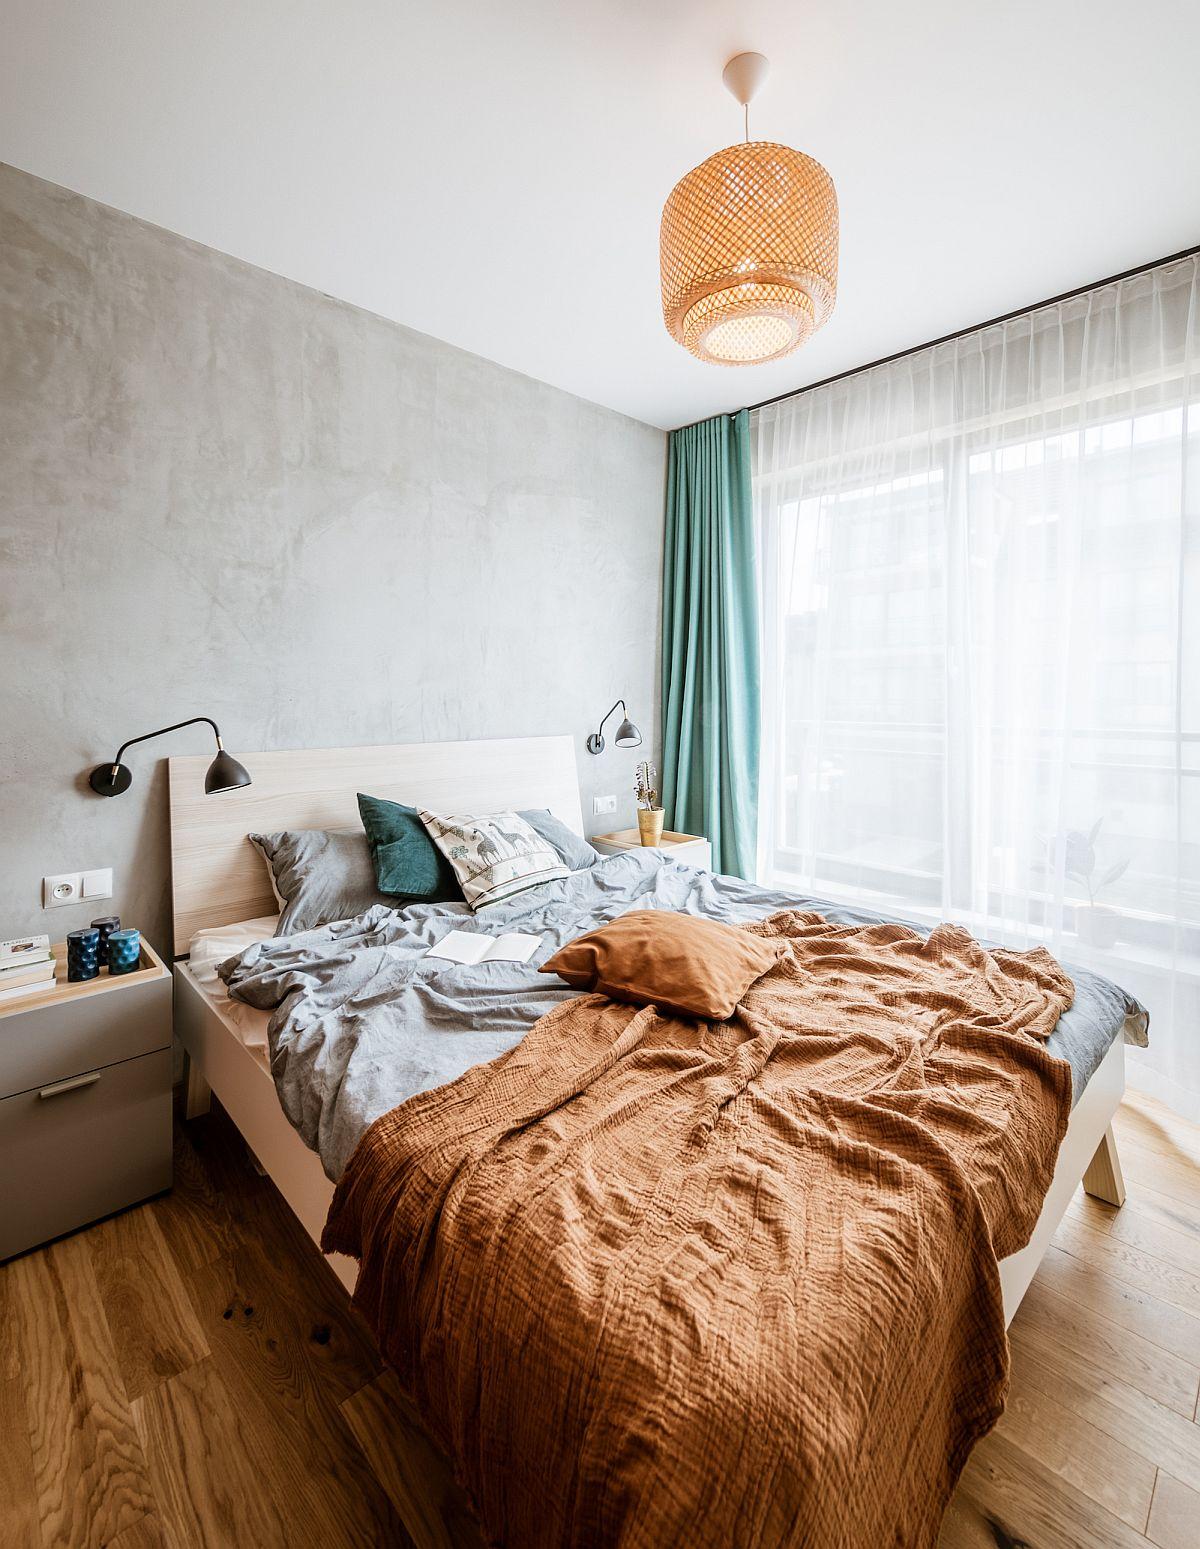 Dormitorul este o cameră împrățită între locul de odihnă și cel de dressing. Zona patului este simplu tratată, unde parchetul este la vedere.